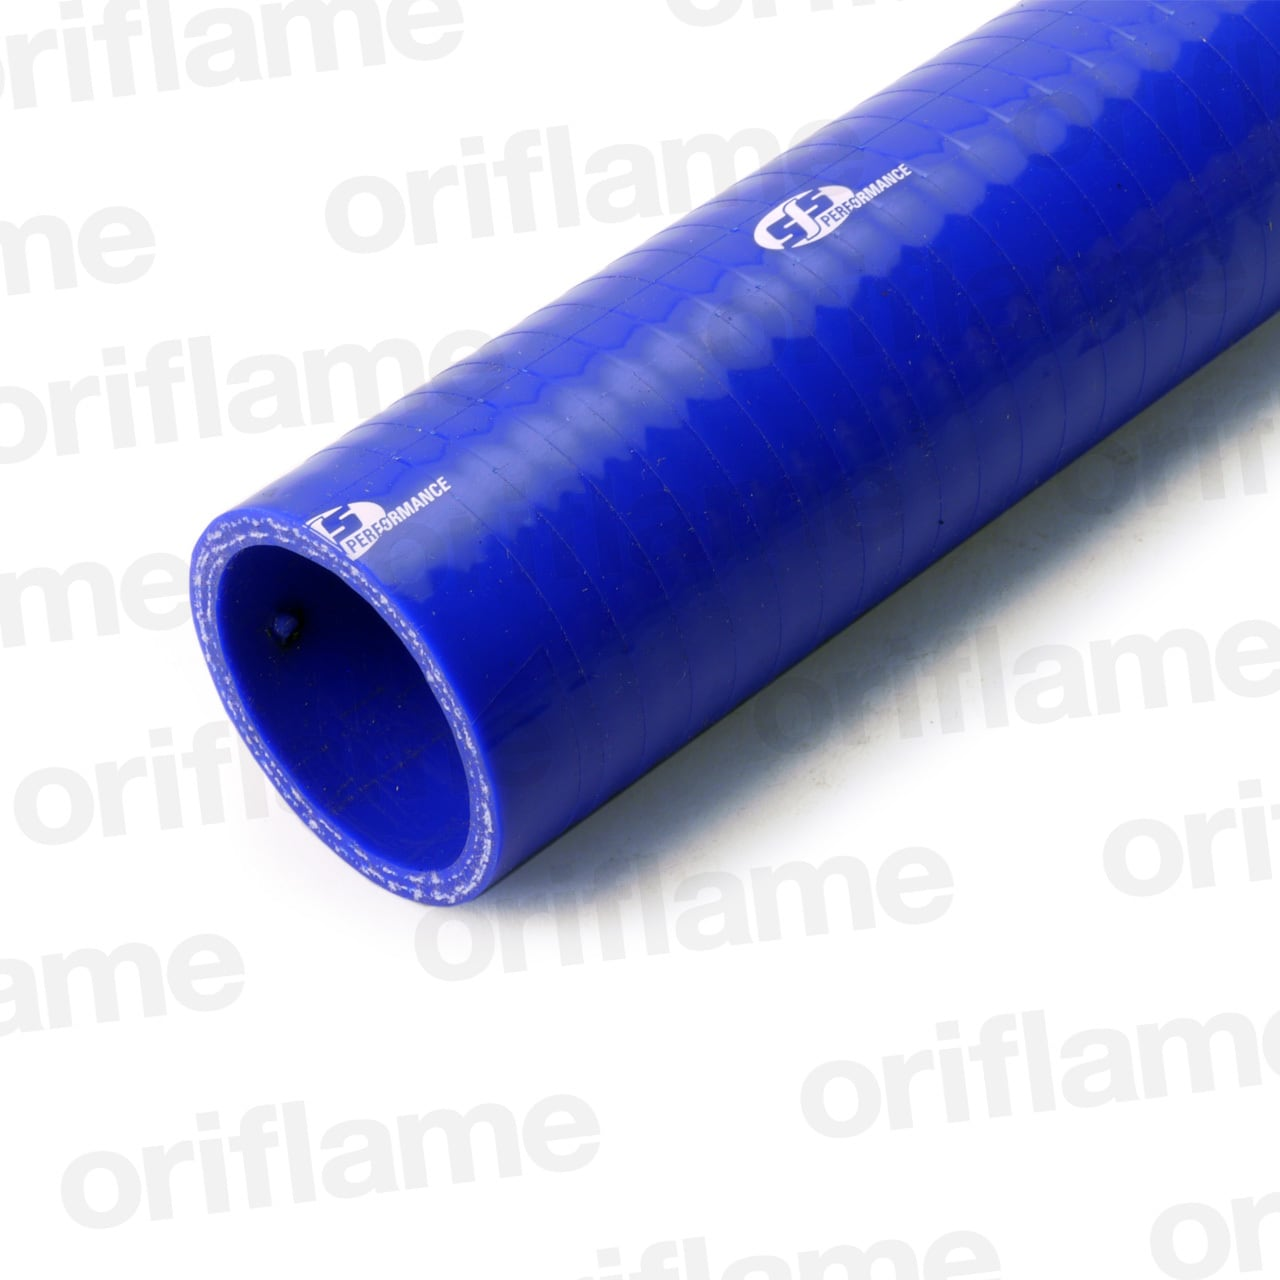 ストレートホース・内径41mm・ブルー